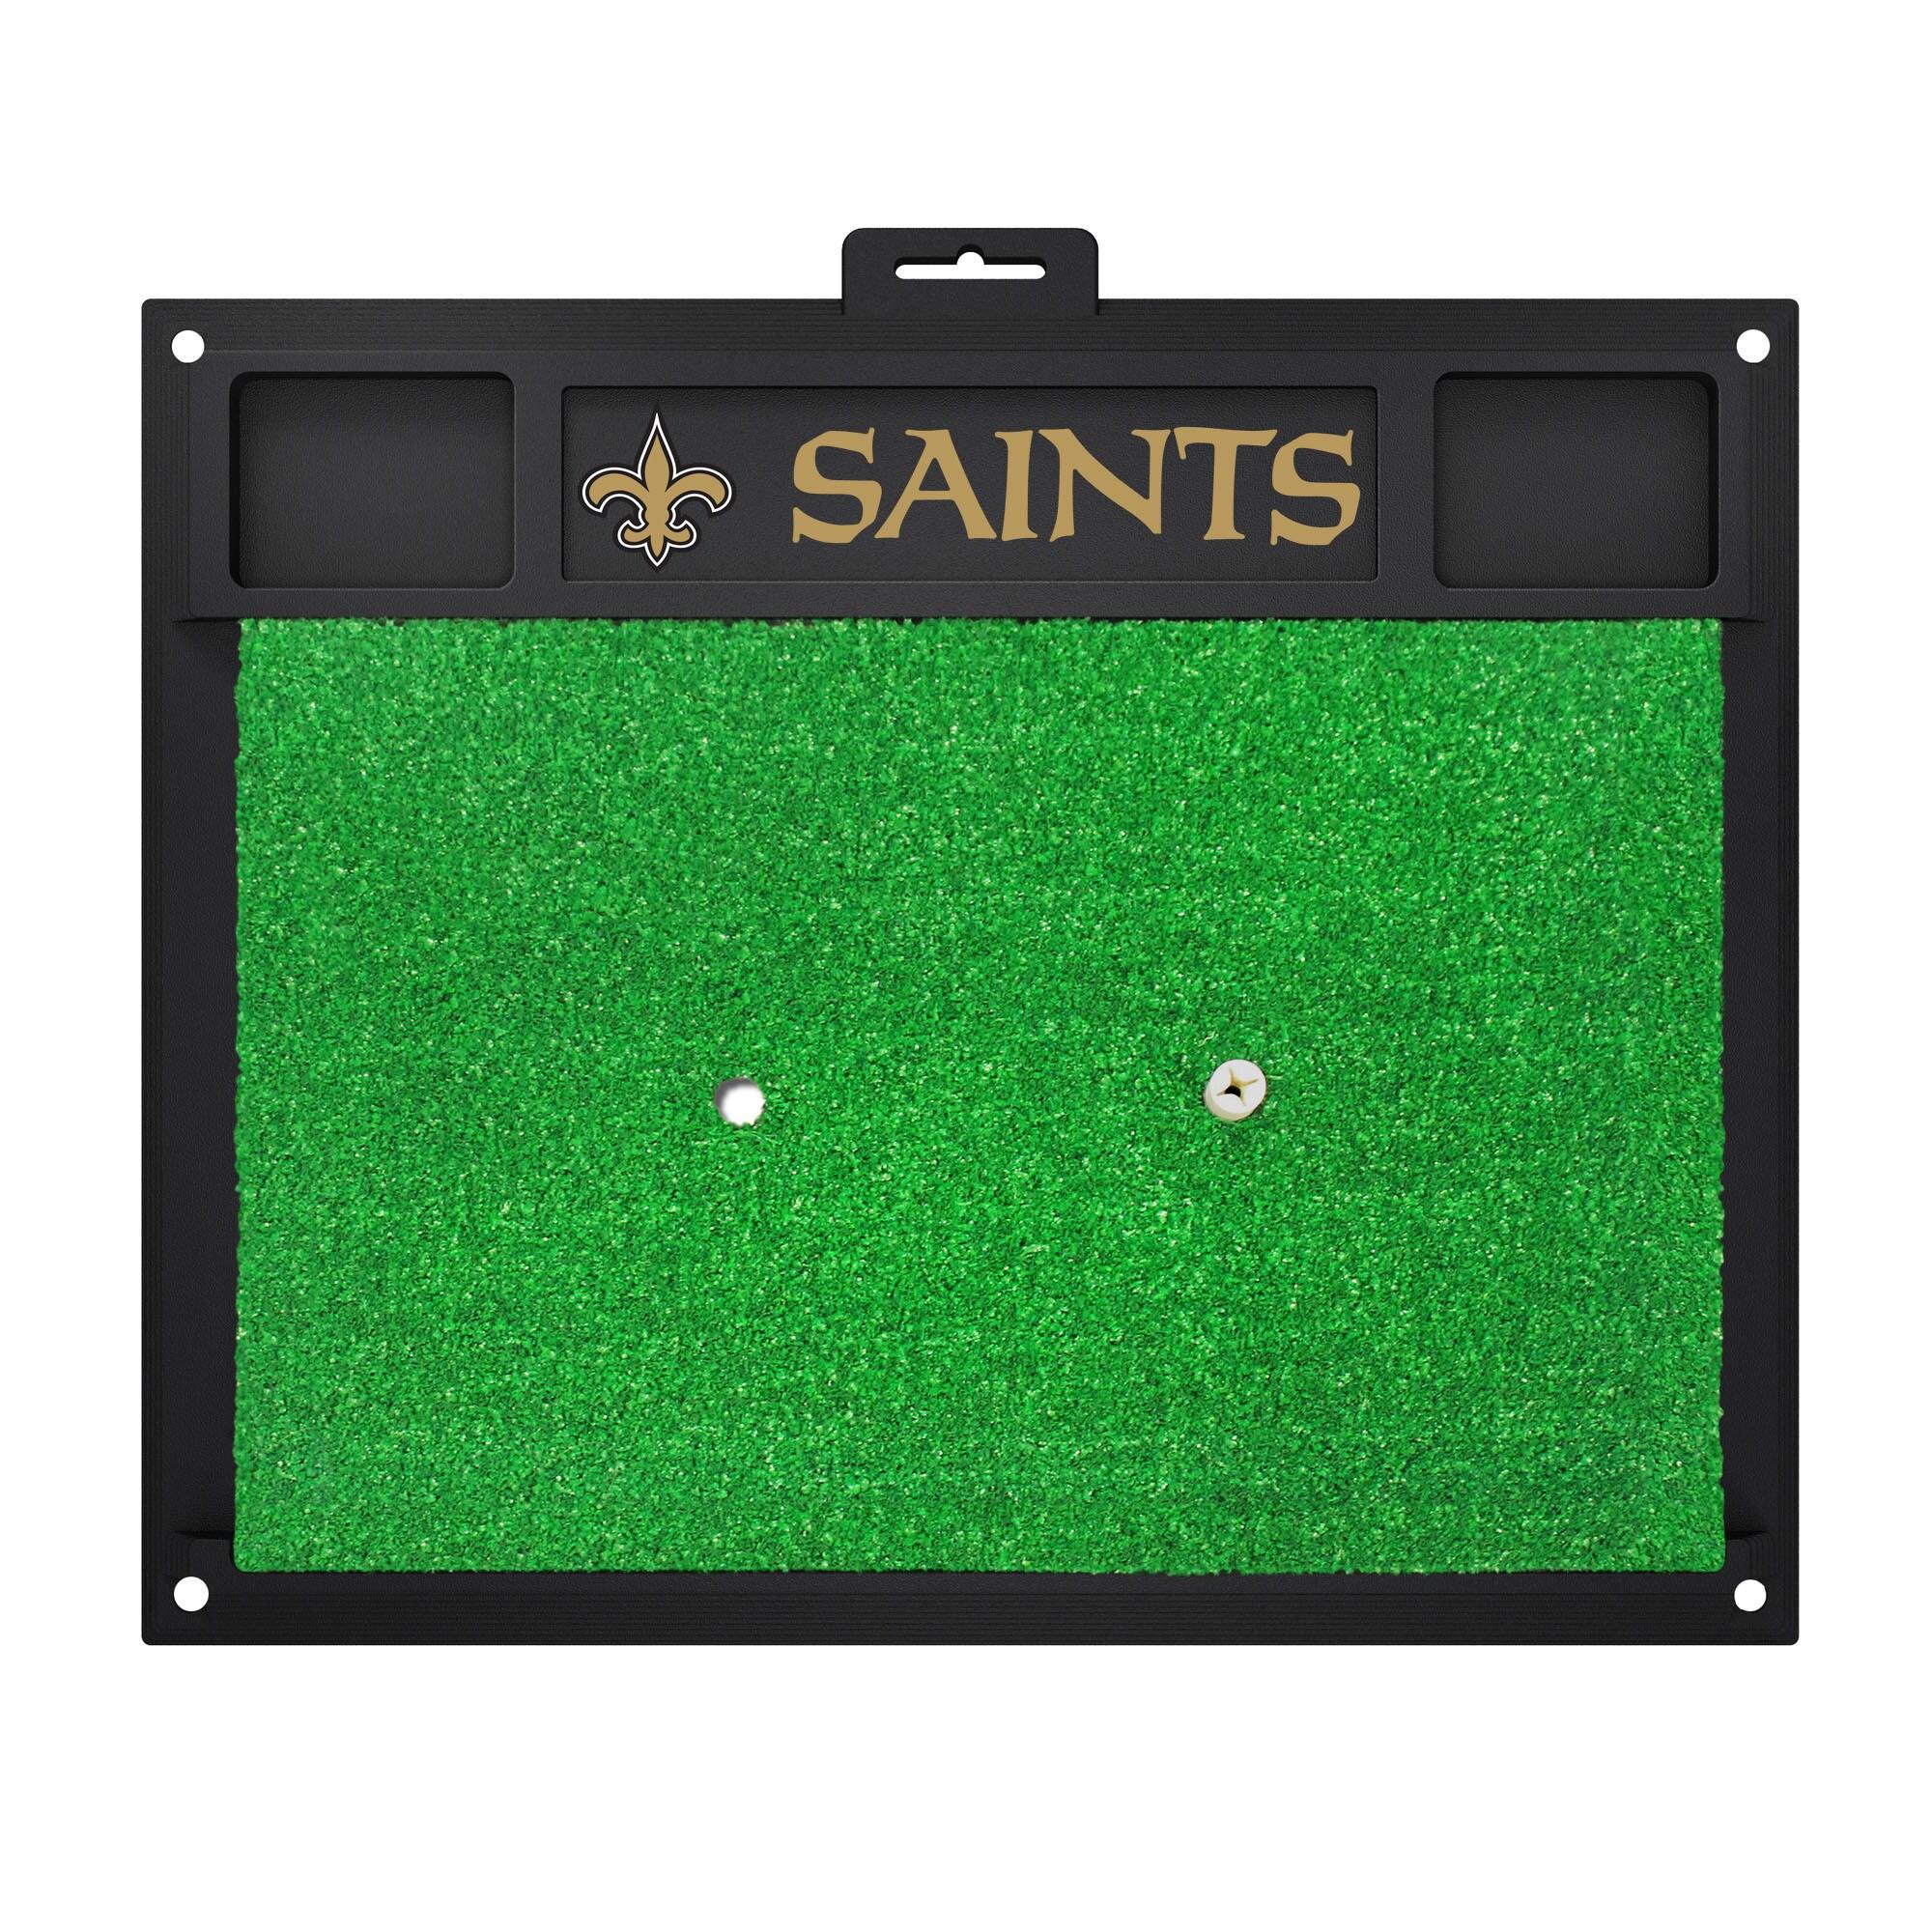 Fan Mats New Orleans Saints Green Rubber Golf Hitting Mat...